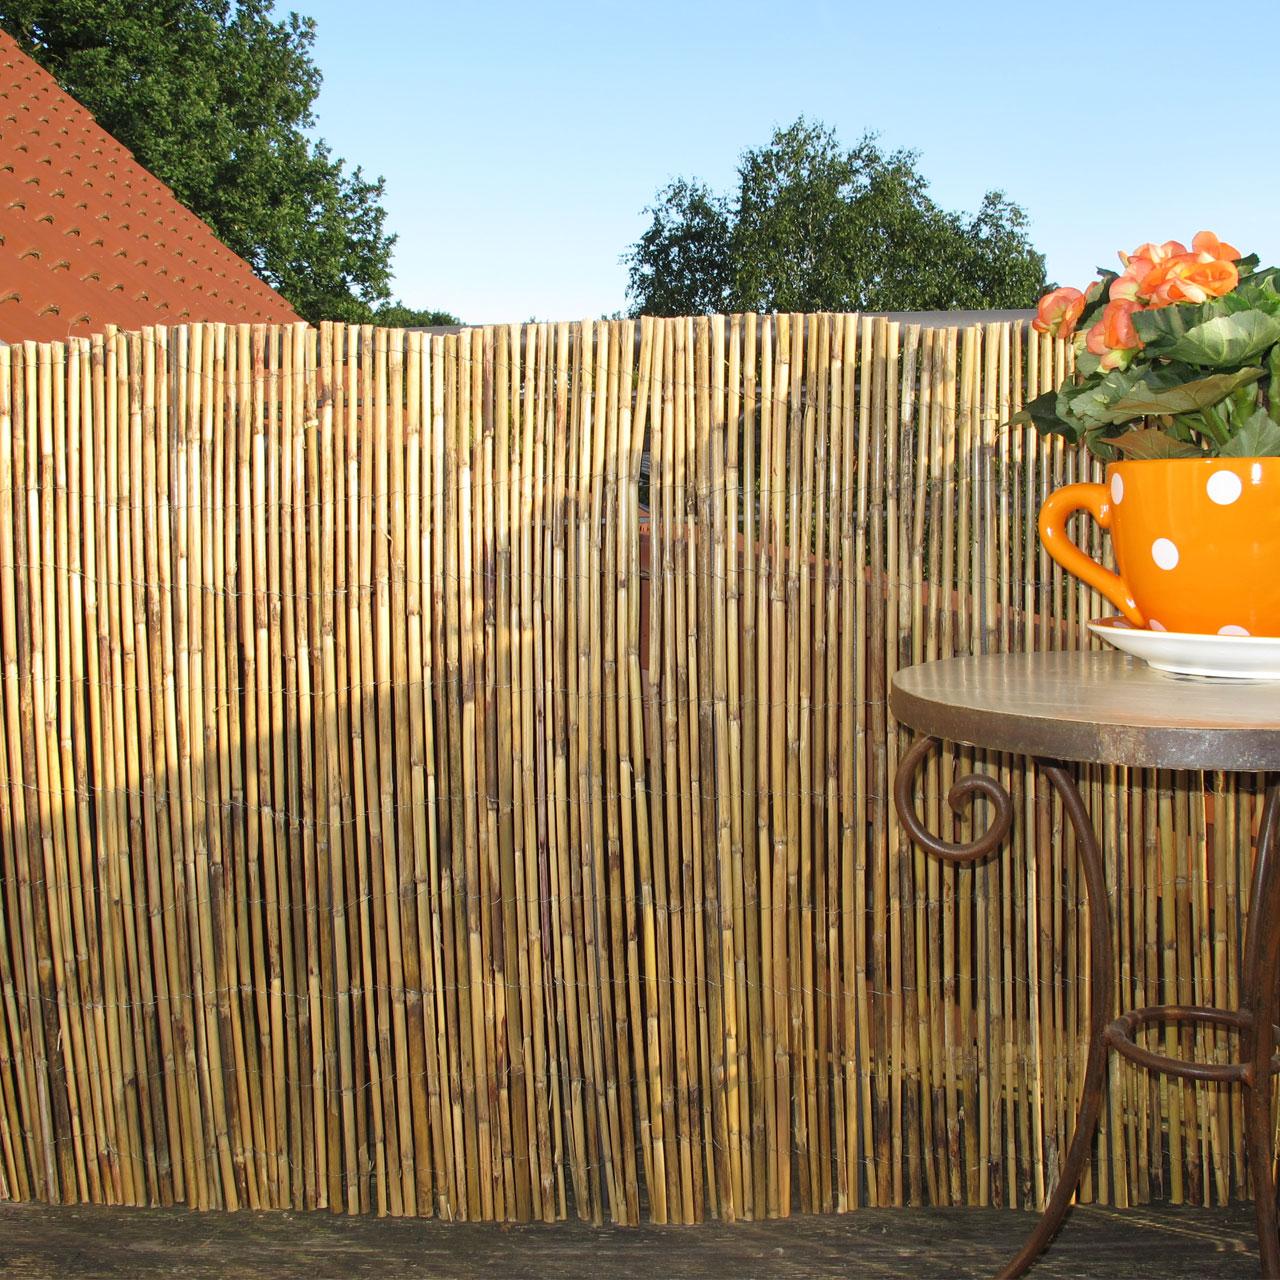 bambusmatte gef llt balkonverkleidung macao natur. Black Bedroom Furniture Sets. Home Design Ideas